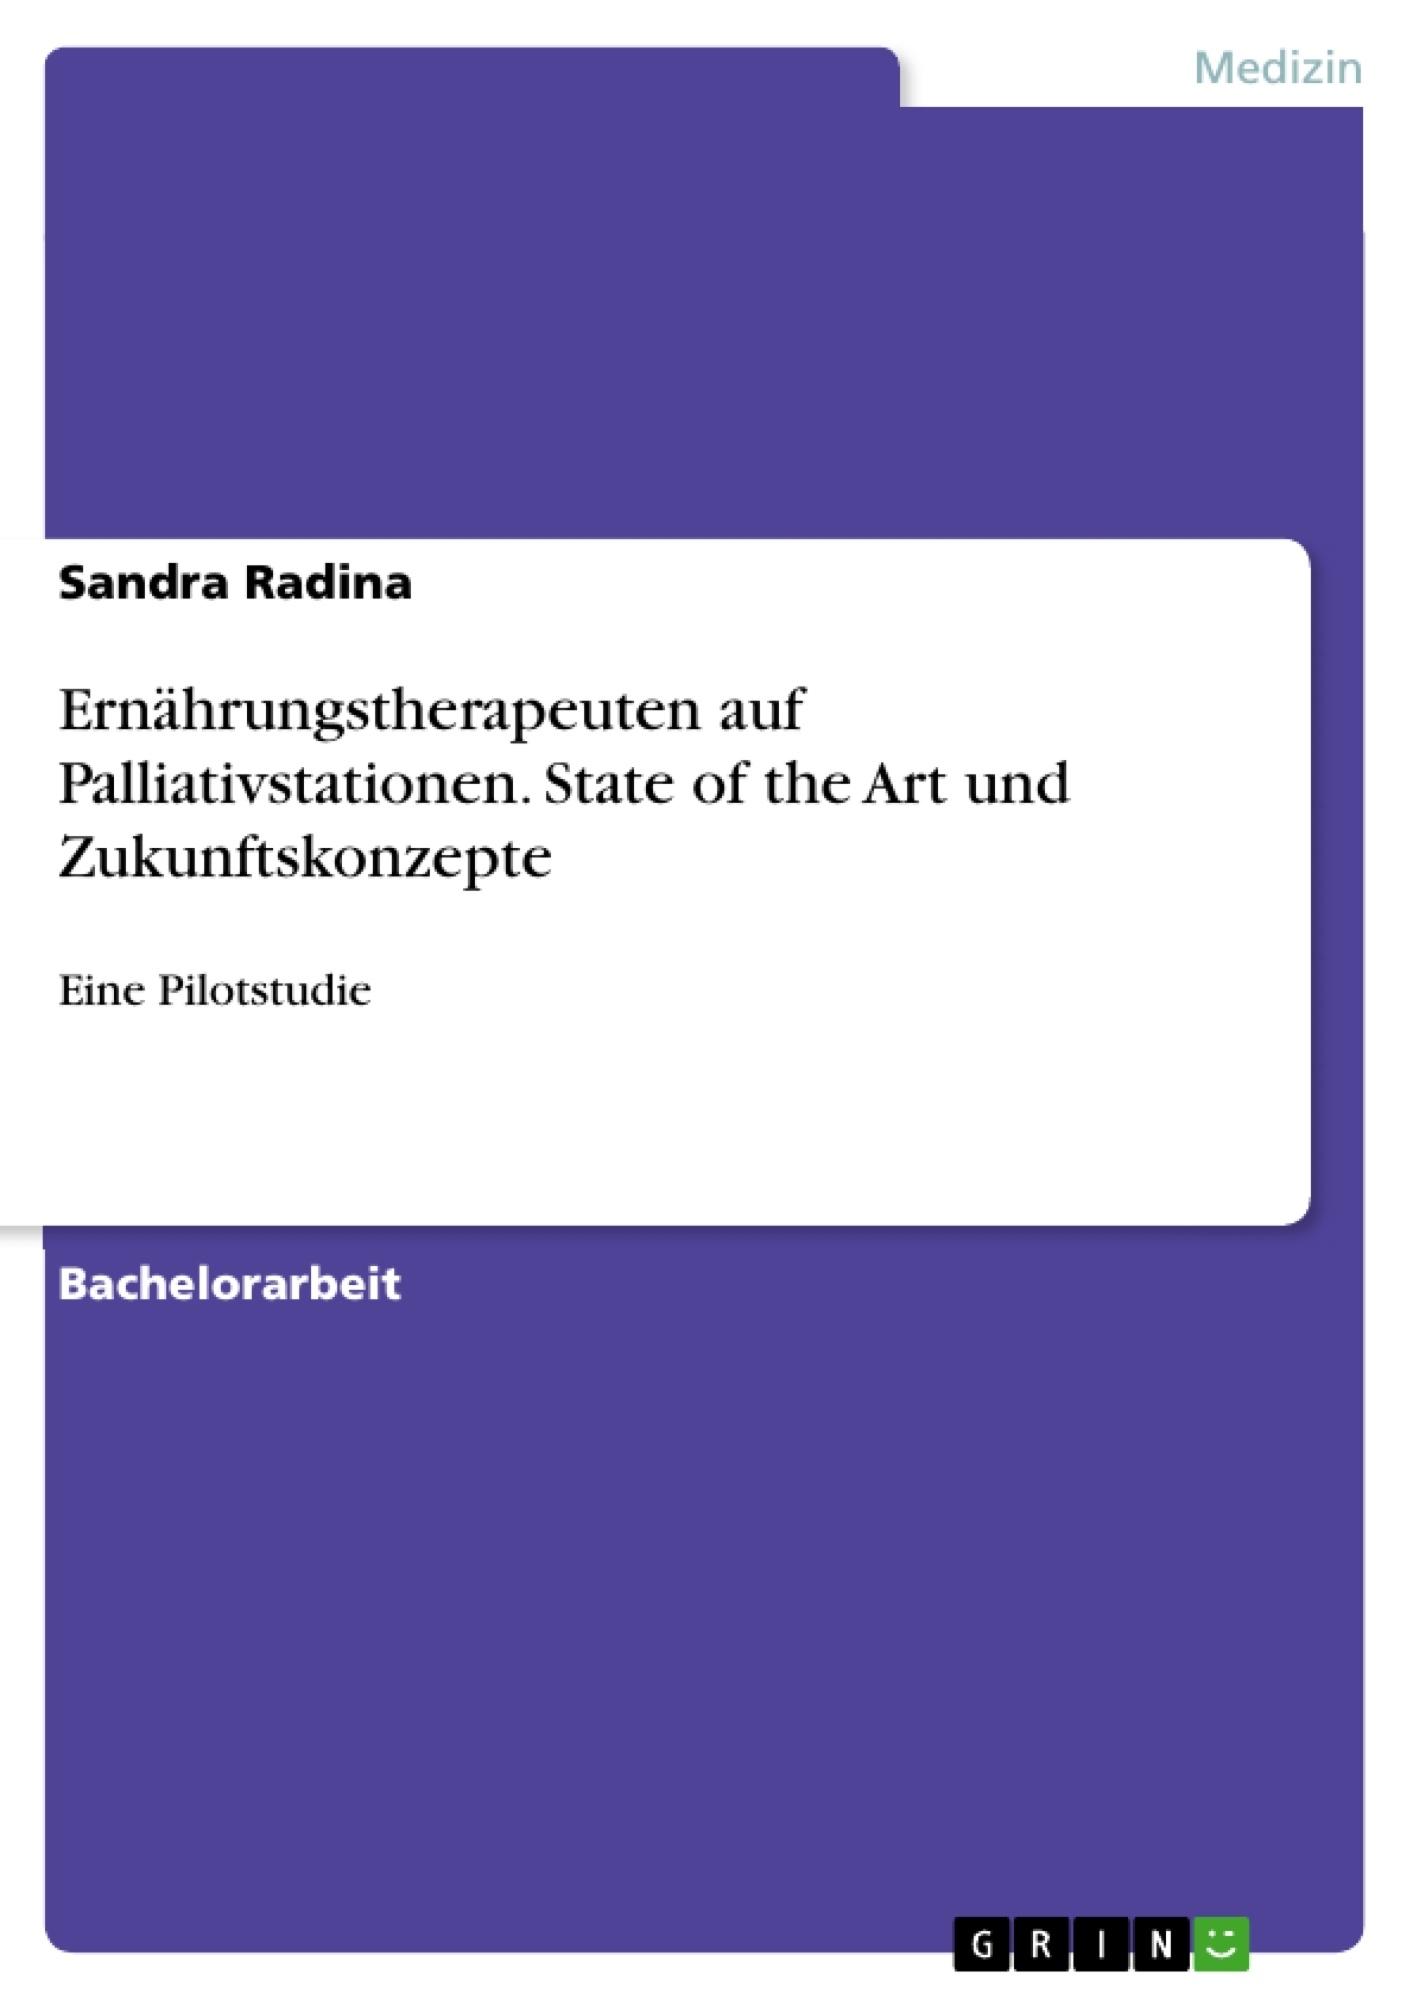 Titel: Ernährungstherapeuten auf Palliativstationen. State of the Art und Zukunftskonzepte